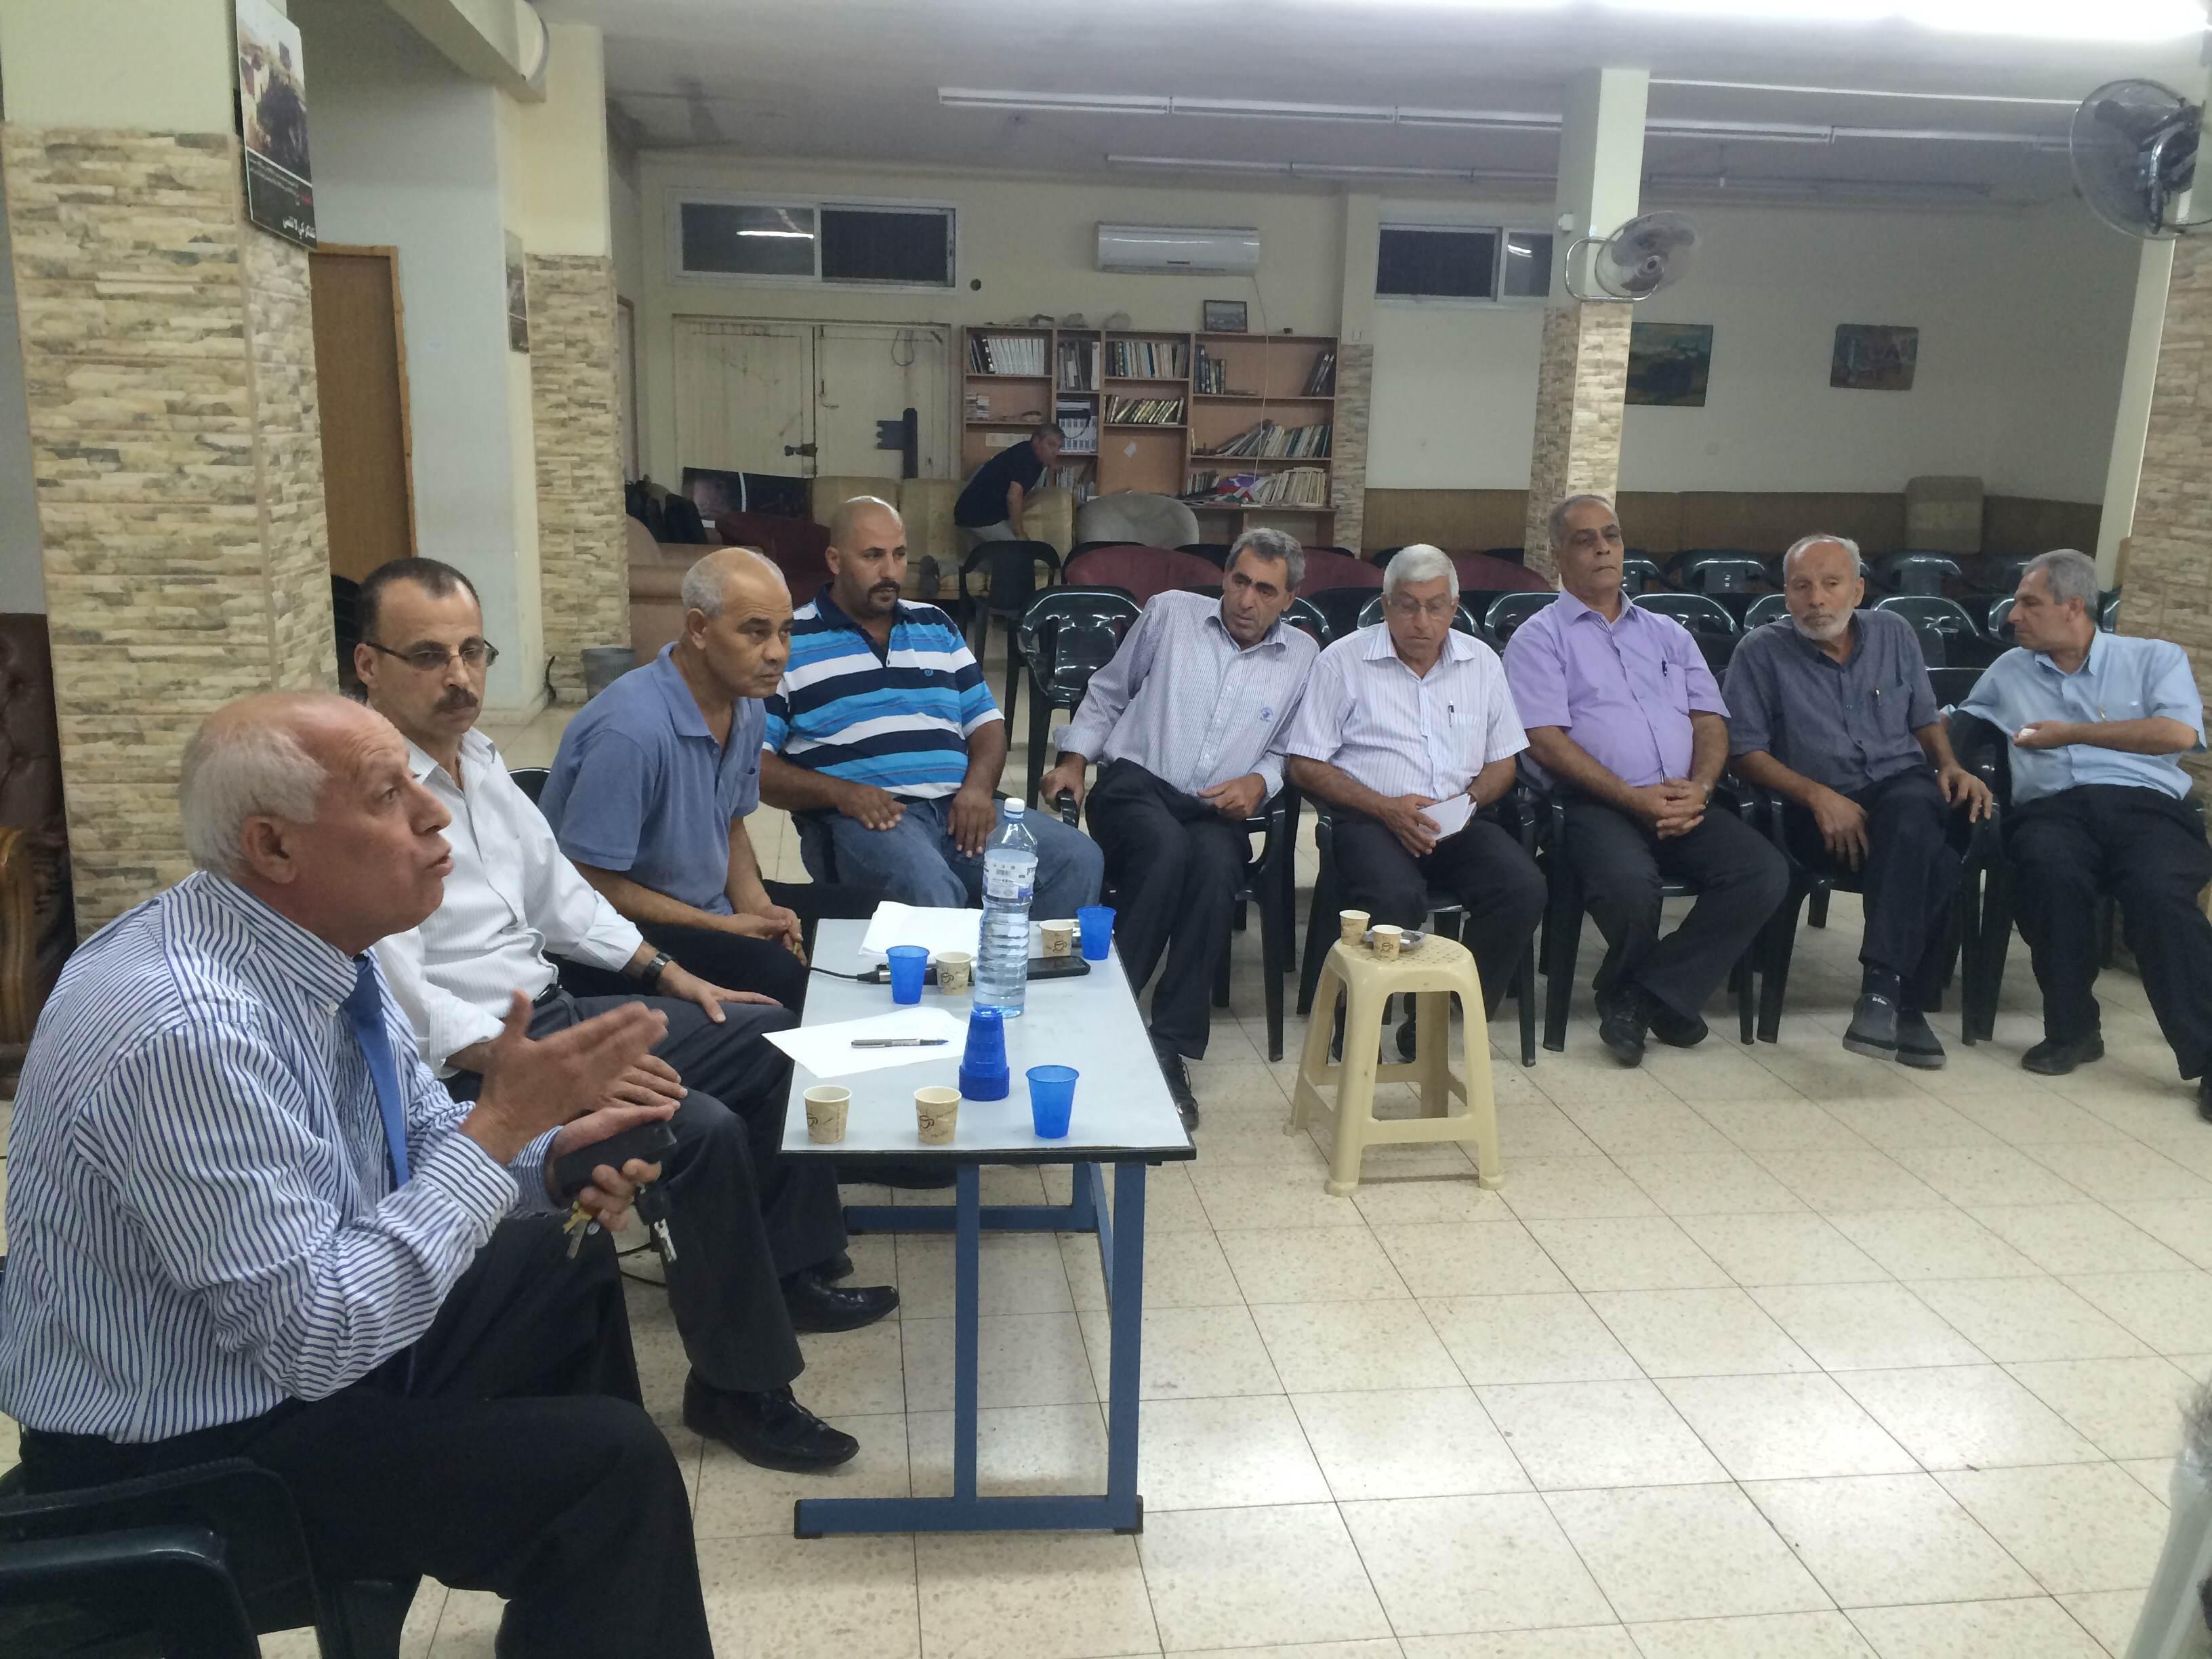 في الذكرى الـ14 لهبة القدس والأقصى: تجمع باقة الغربية يفتح نقاشًا حول ما العمل